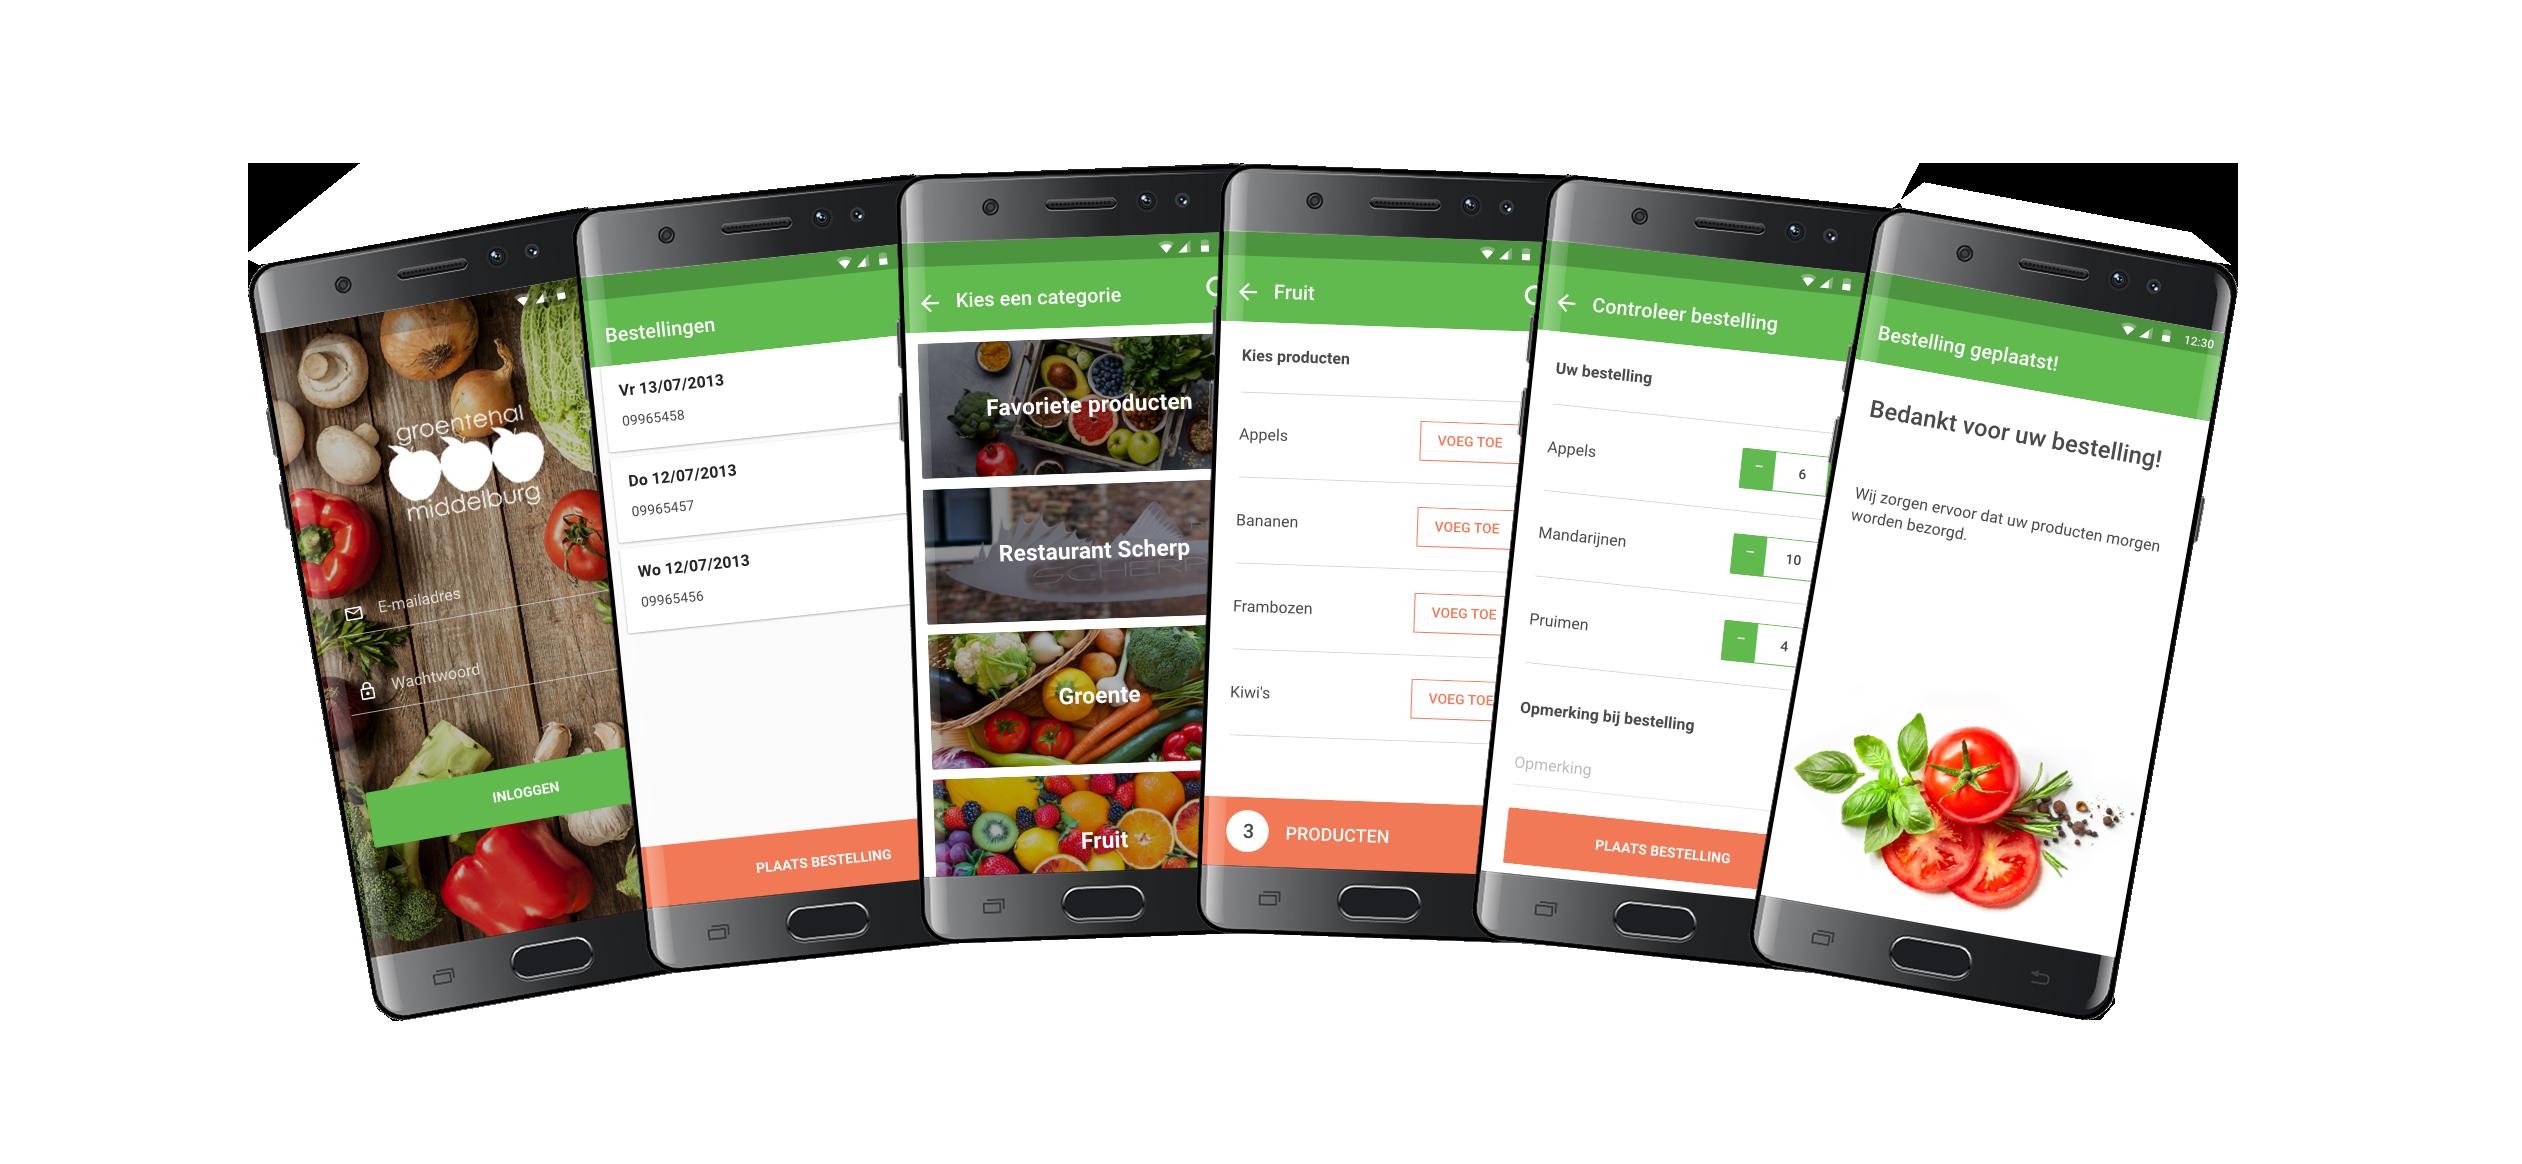 Klanten Informeren Via App groentehal middelburg